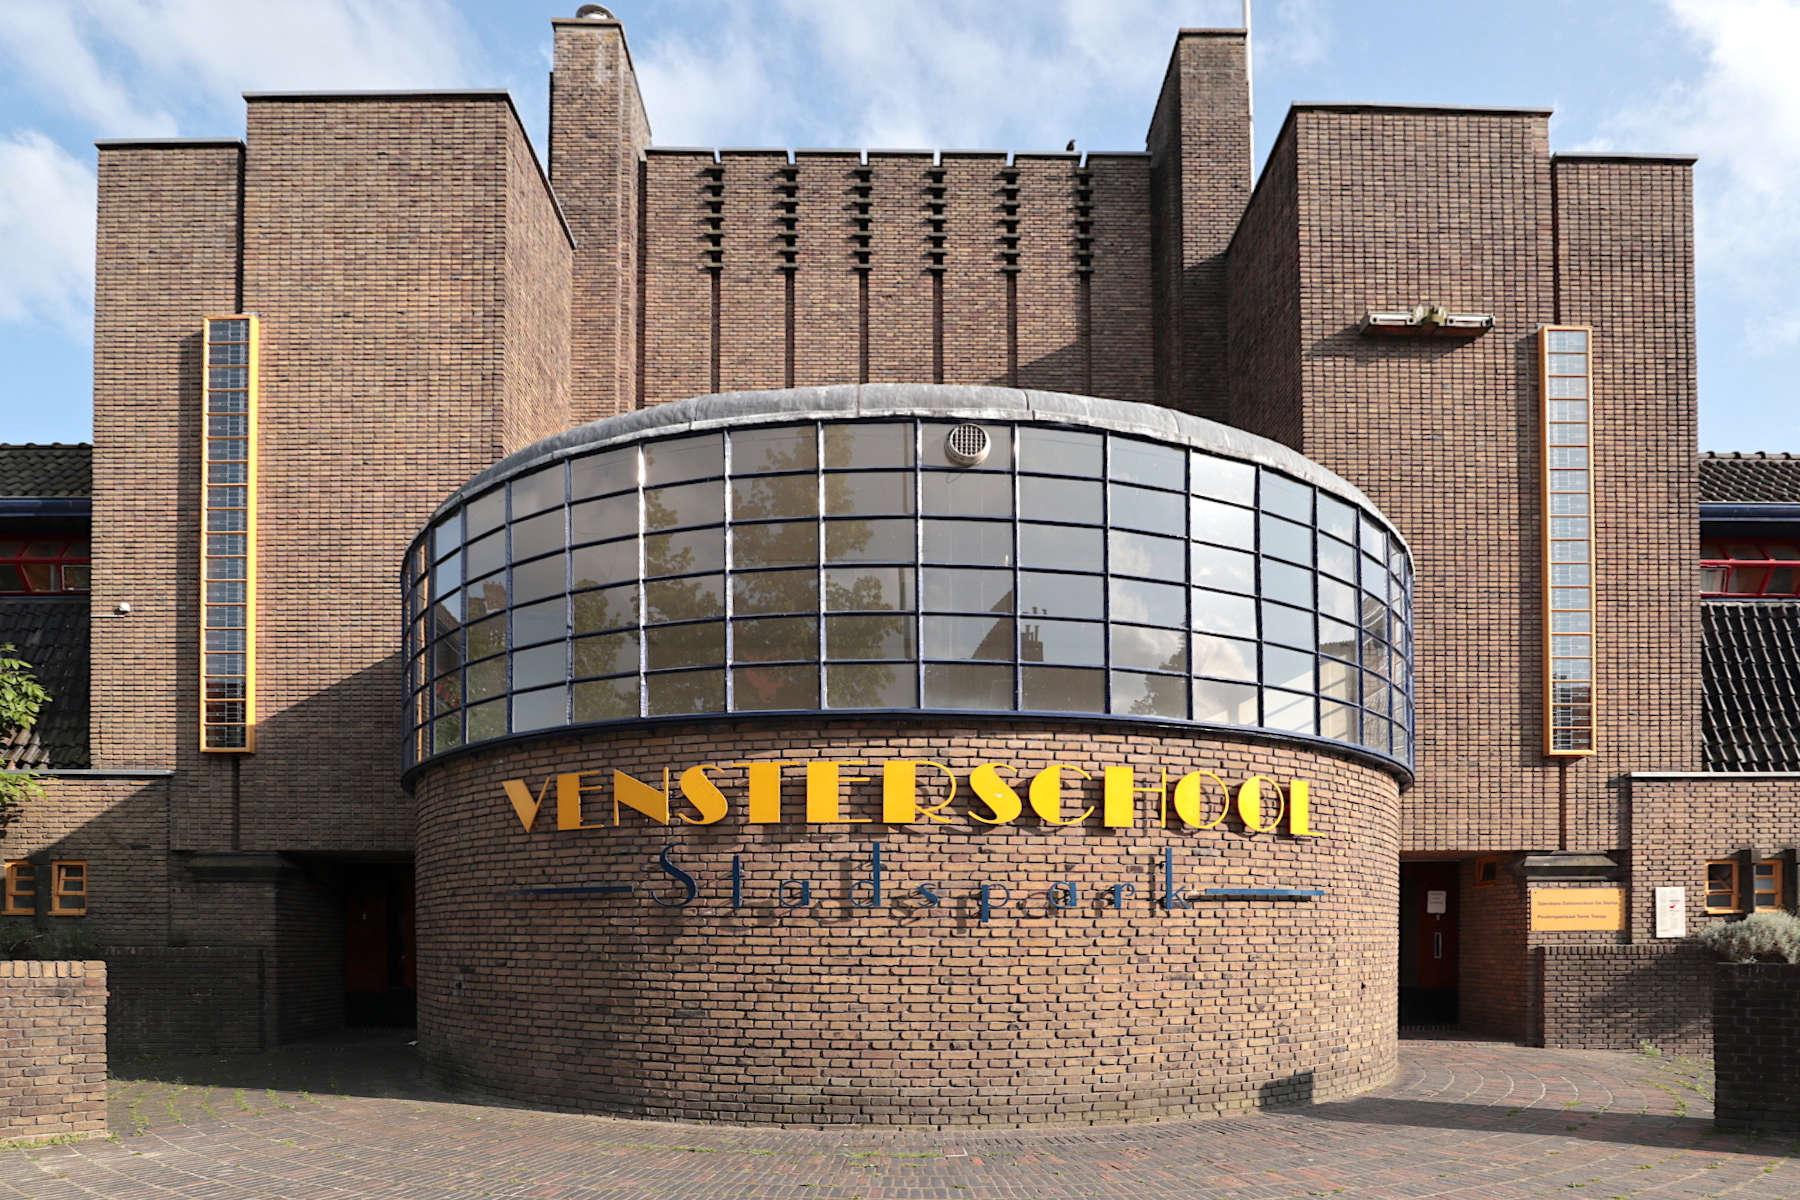 Vensterschool. In der Parkstraße, S.J. Bouma. Fertigstellung: 1927. Die Vorder- und Rückseite unterscheiden sich stark. Die Amsterdamer Schule zeigt sich vorne mit einer geschlossenen, gegliederten Front und ...